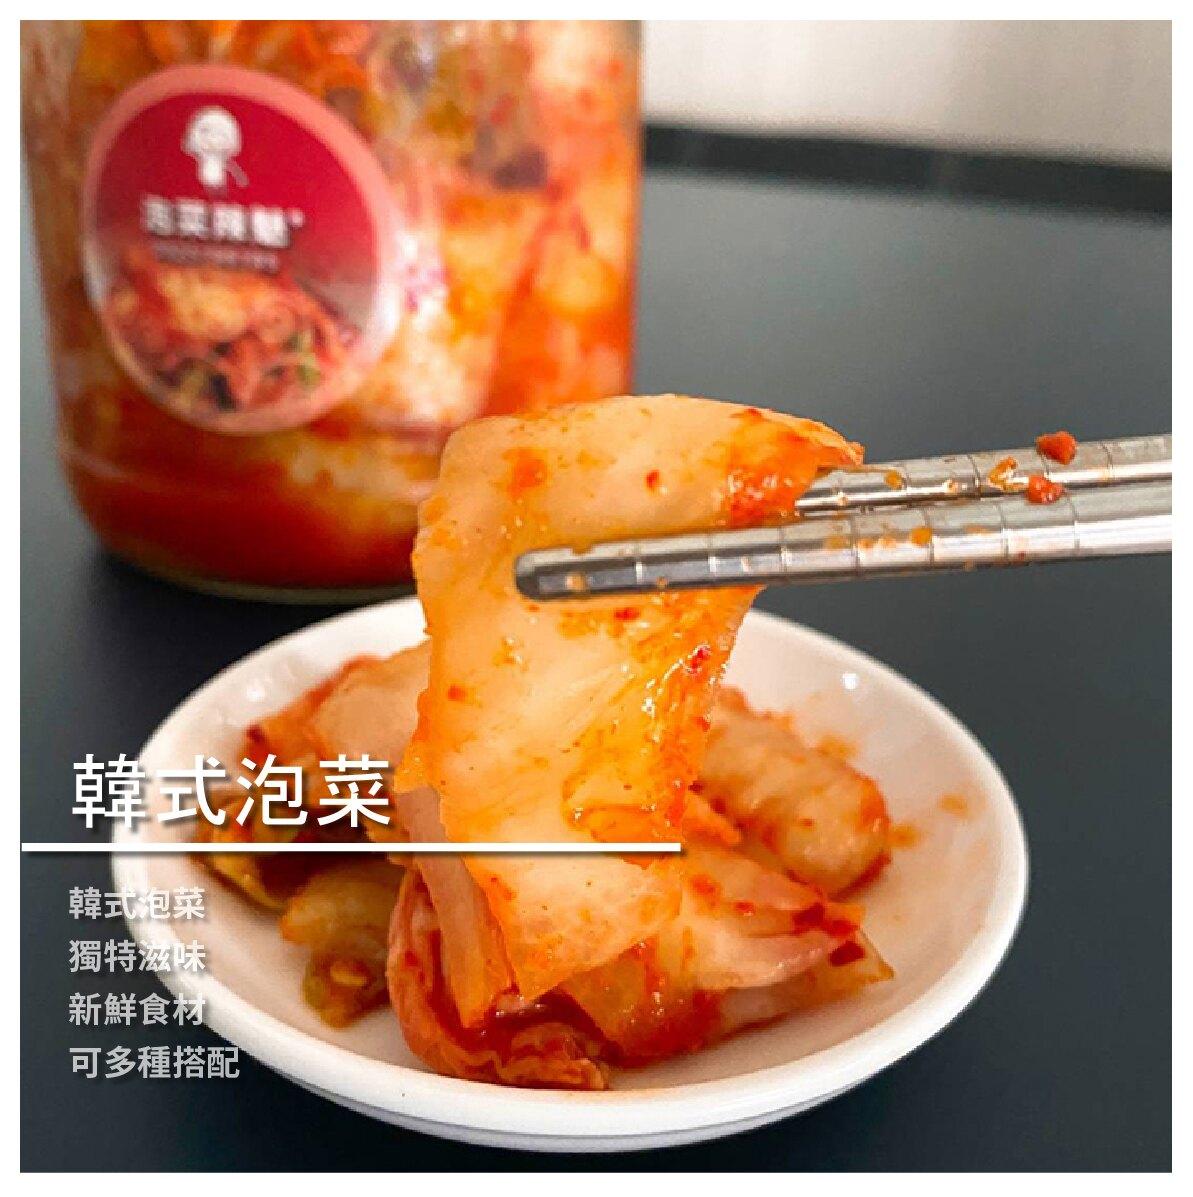 【泡菜辣魅】韓式泡菜/1000g